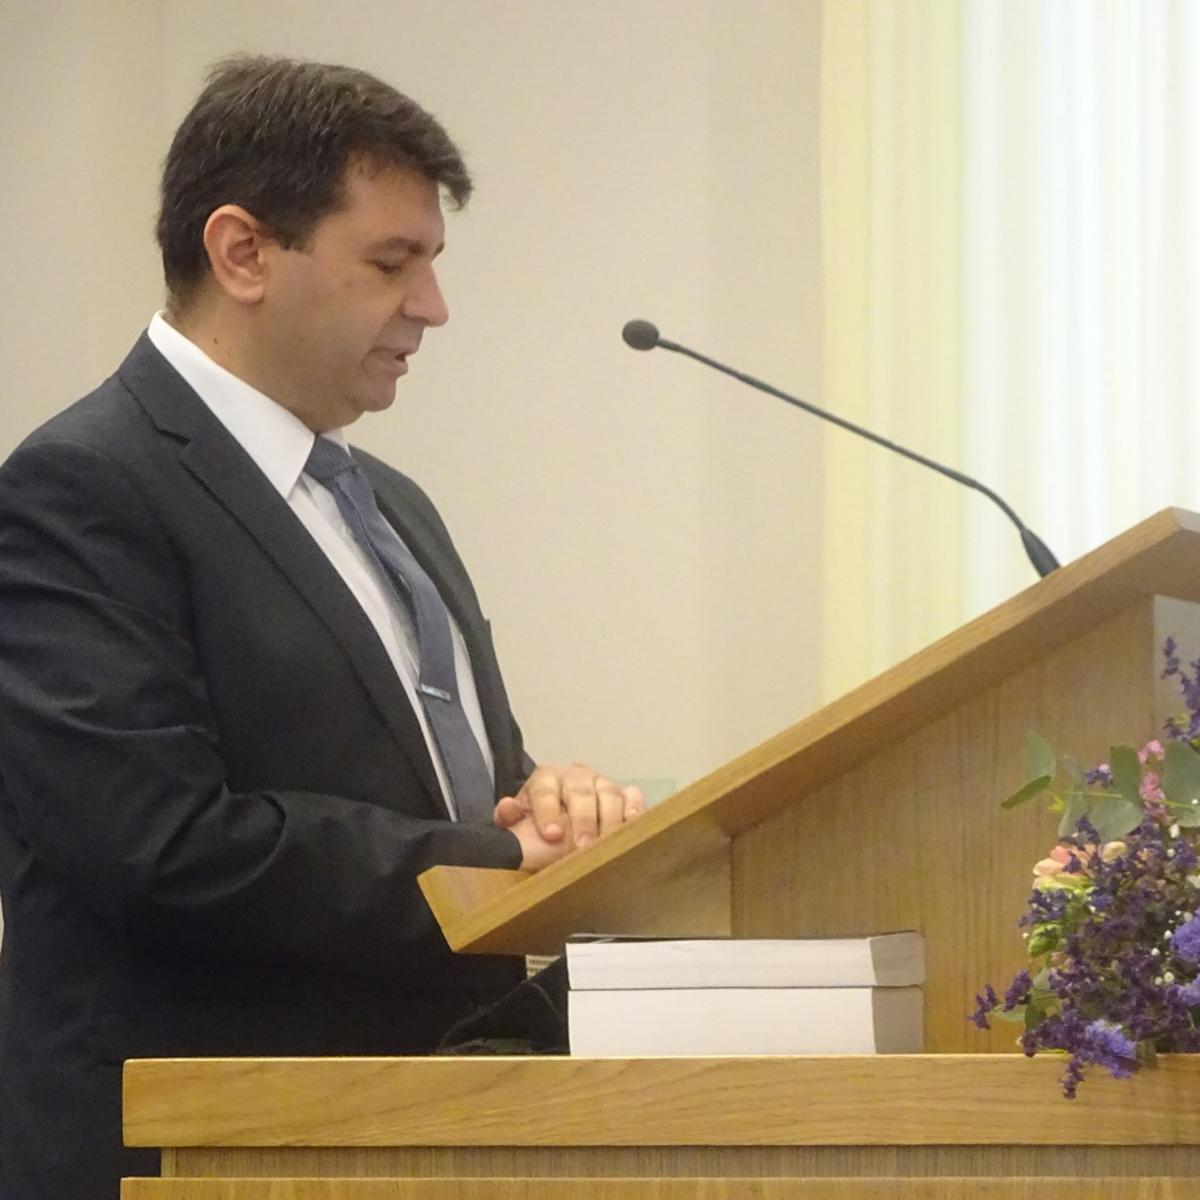 Benjamín Alba dirigiendo la reunión